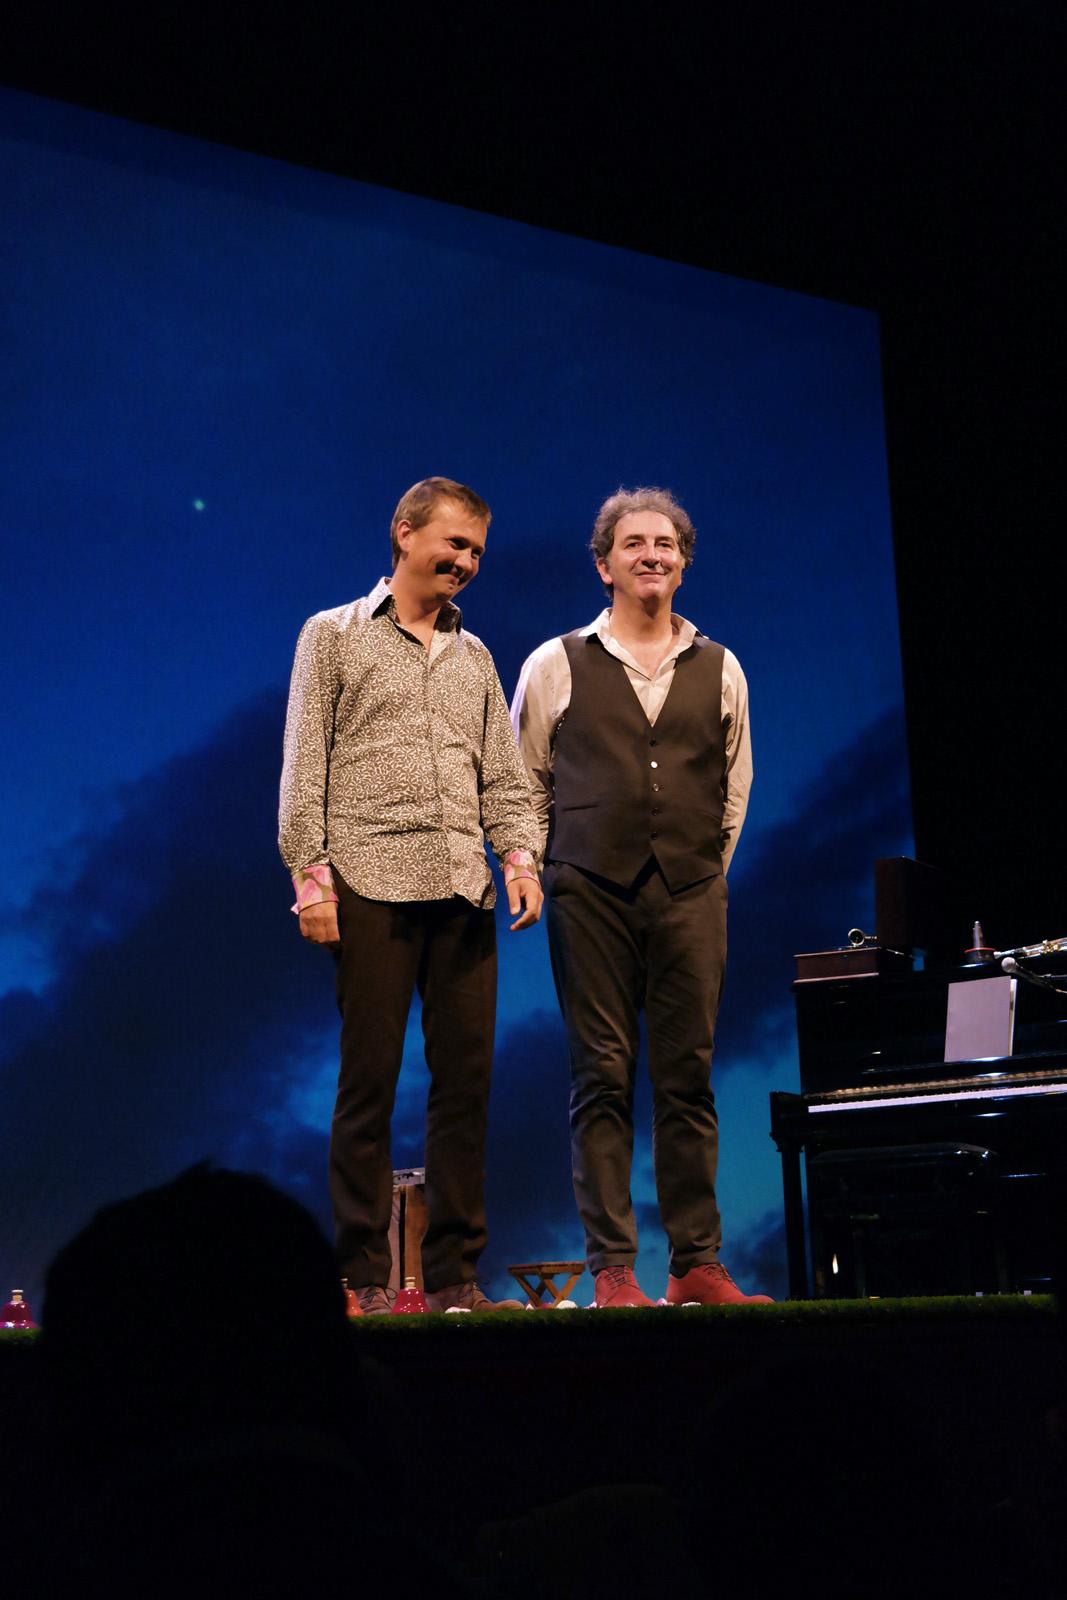 François Morel et Antoine Sahler pièce Hyacinthe et Rose au Théâtre de l Atelier photo by united states of paris blog